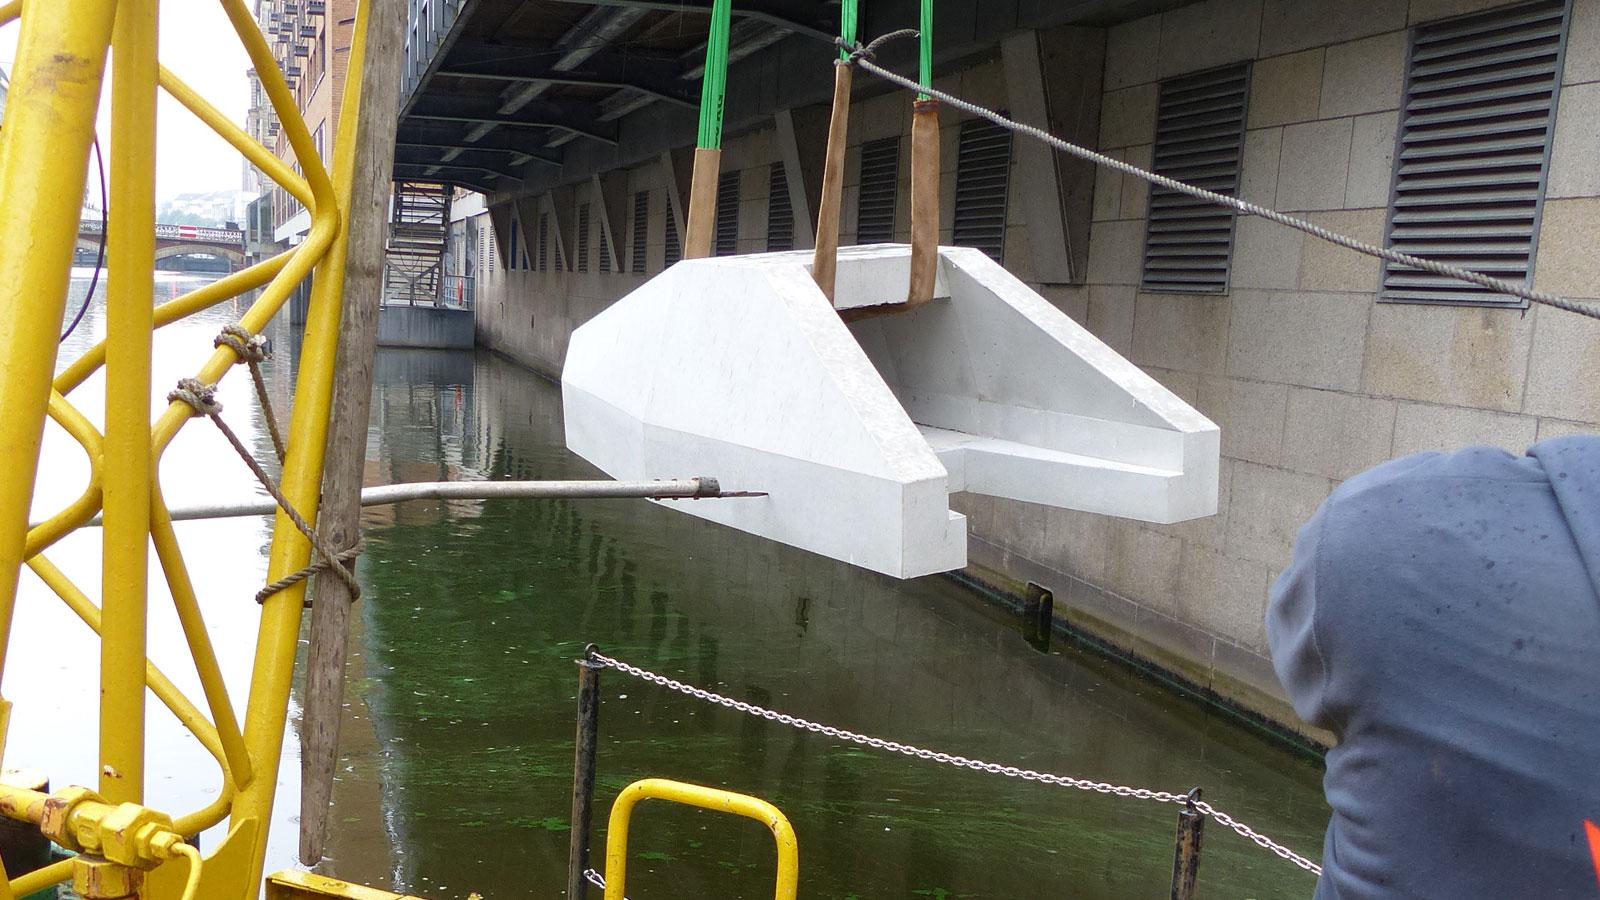 Strömungskokon aus Beton als künstlicher Fischunterstand im Alsterfleet. Im Sommer wird überprüft wie der Unterstand von Fischen angenommen wird.